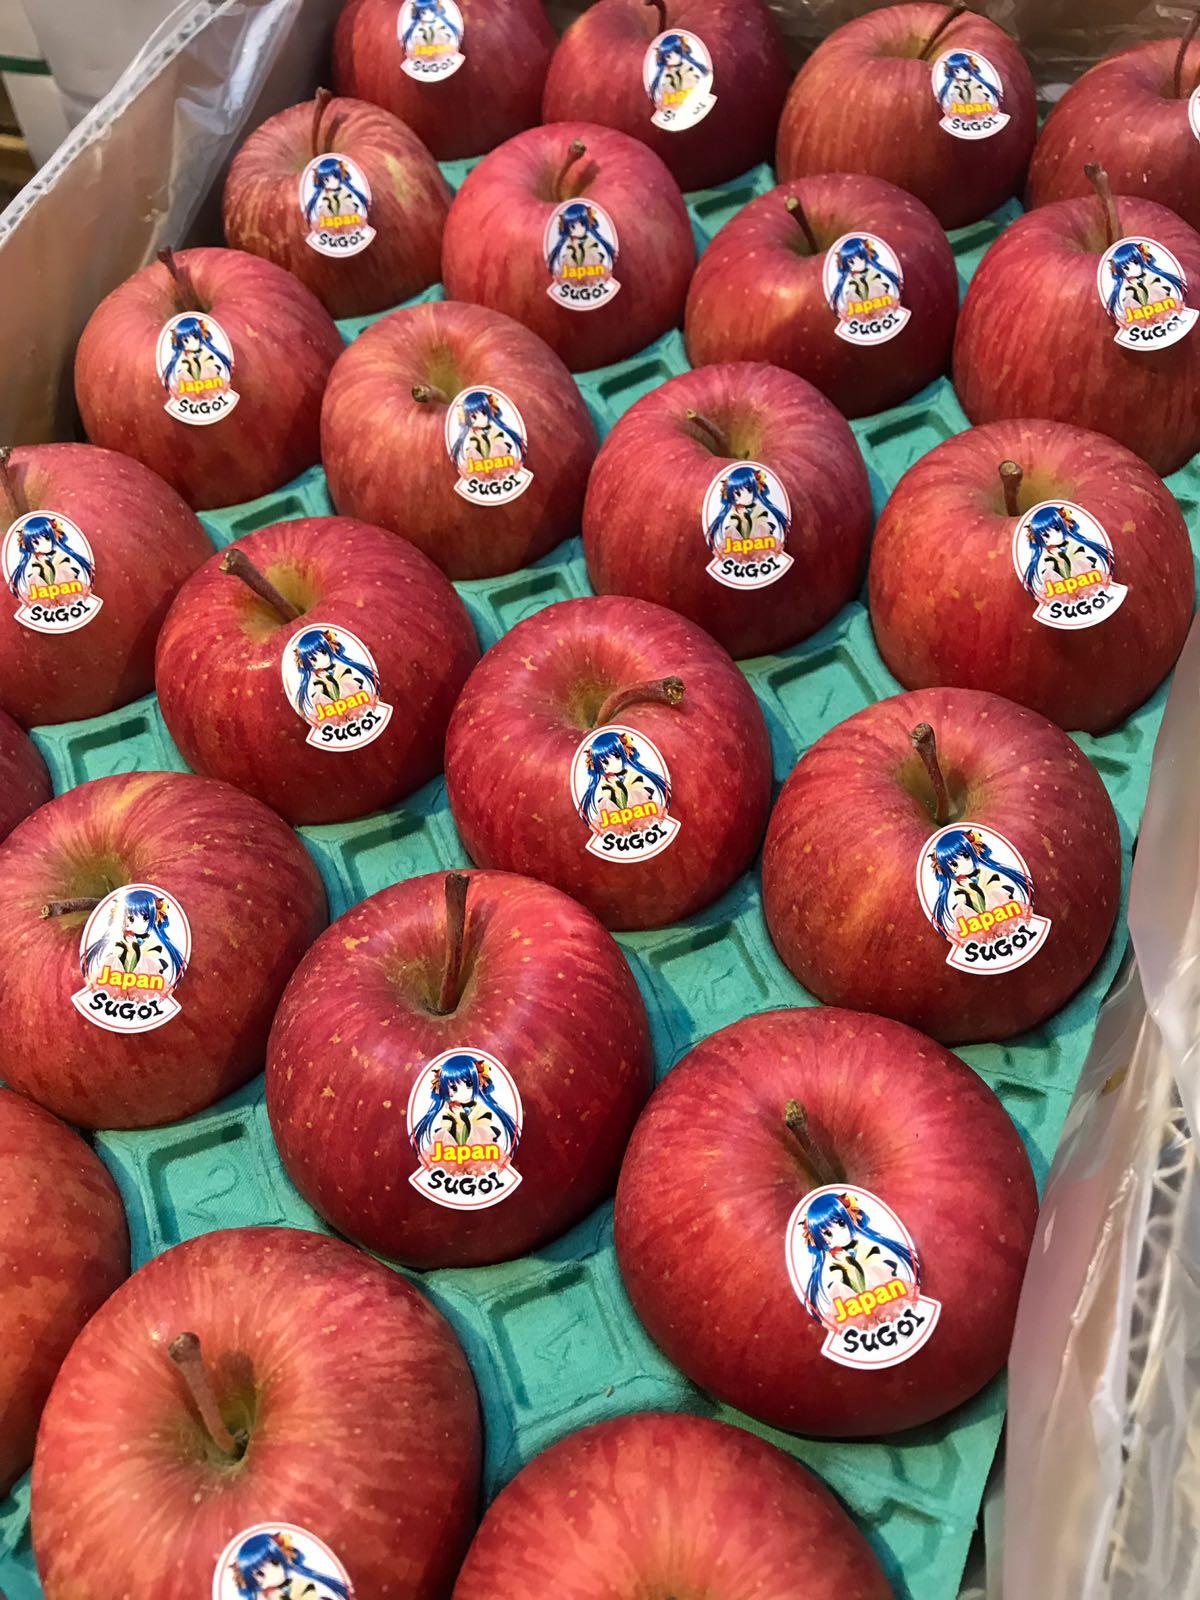 Japan Fuji Apples